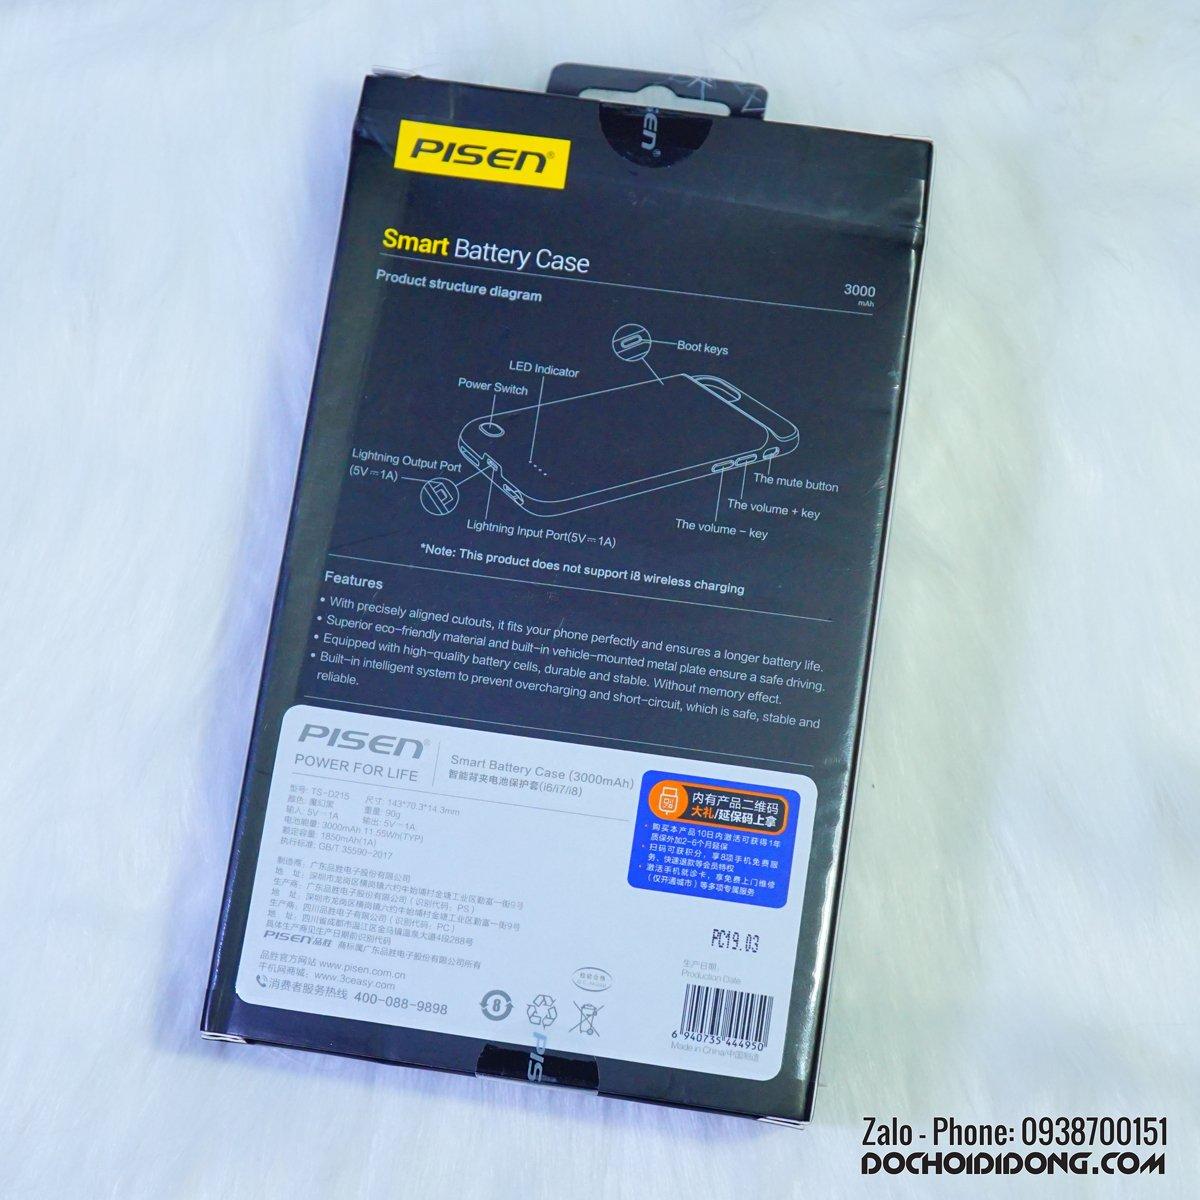 op-lung-pin-sac-du-phong-iphone-6-6s-7-8-pisen-3000mah